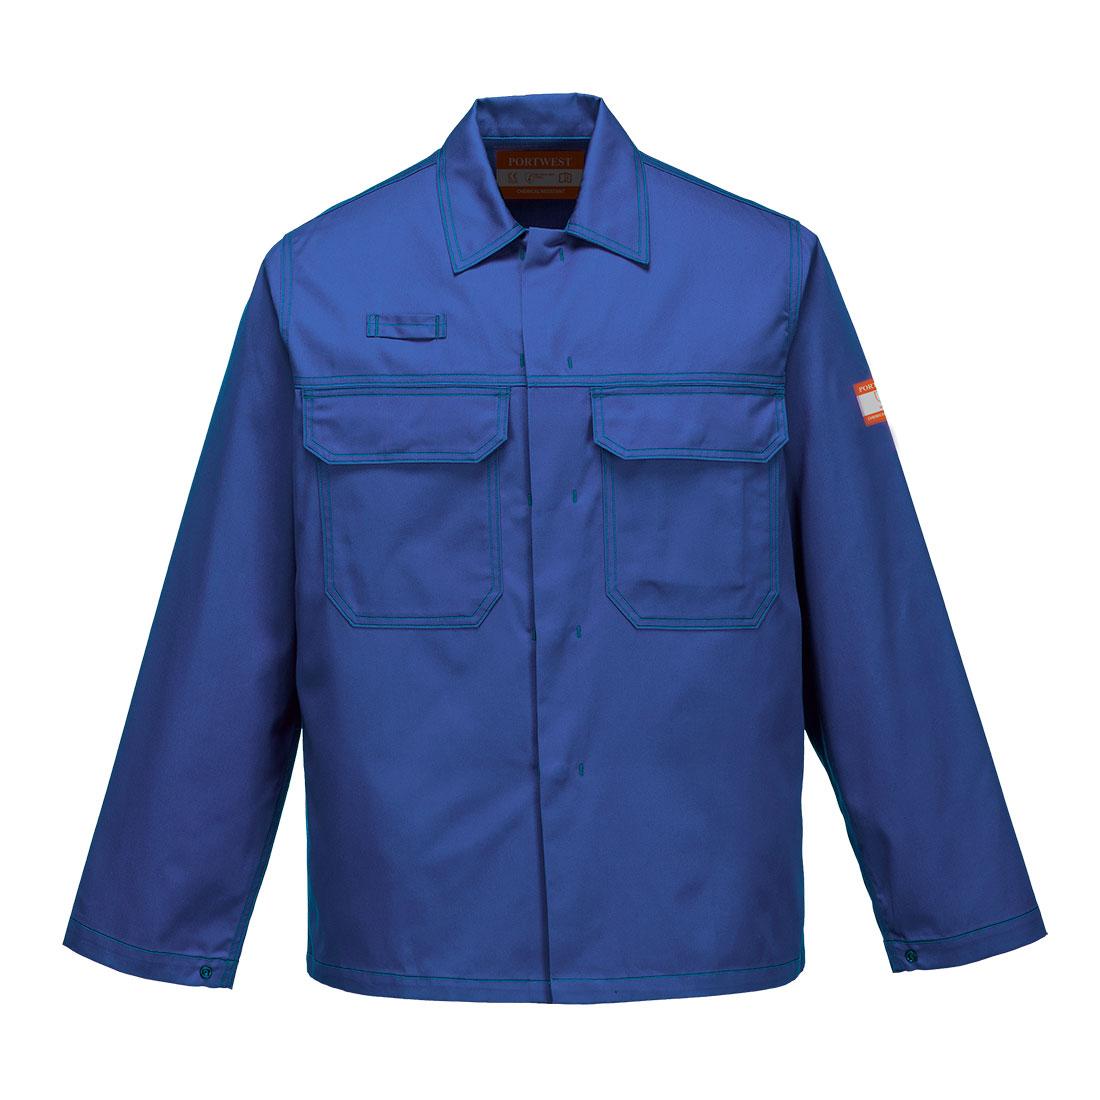 Chemical Resistant Jacket Epic Royal LR